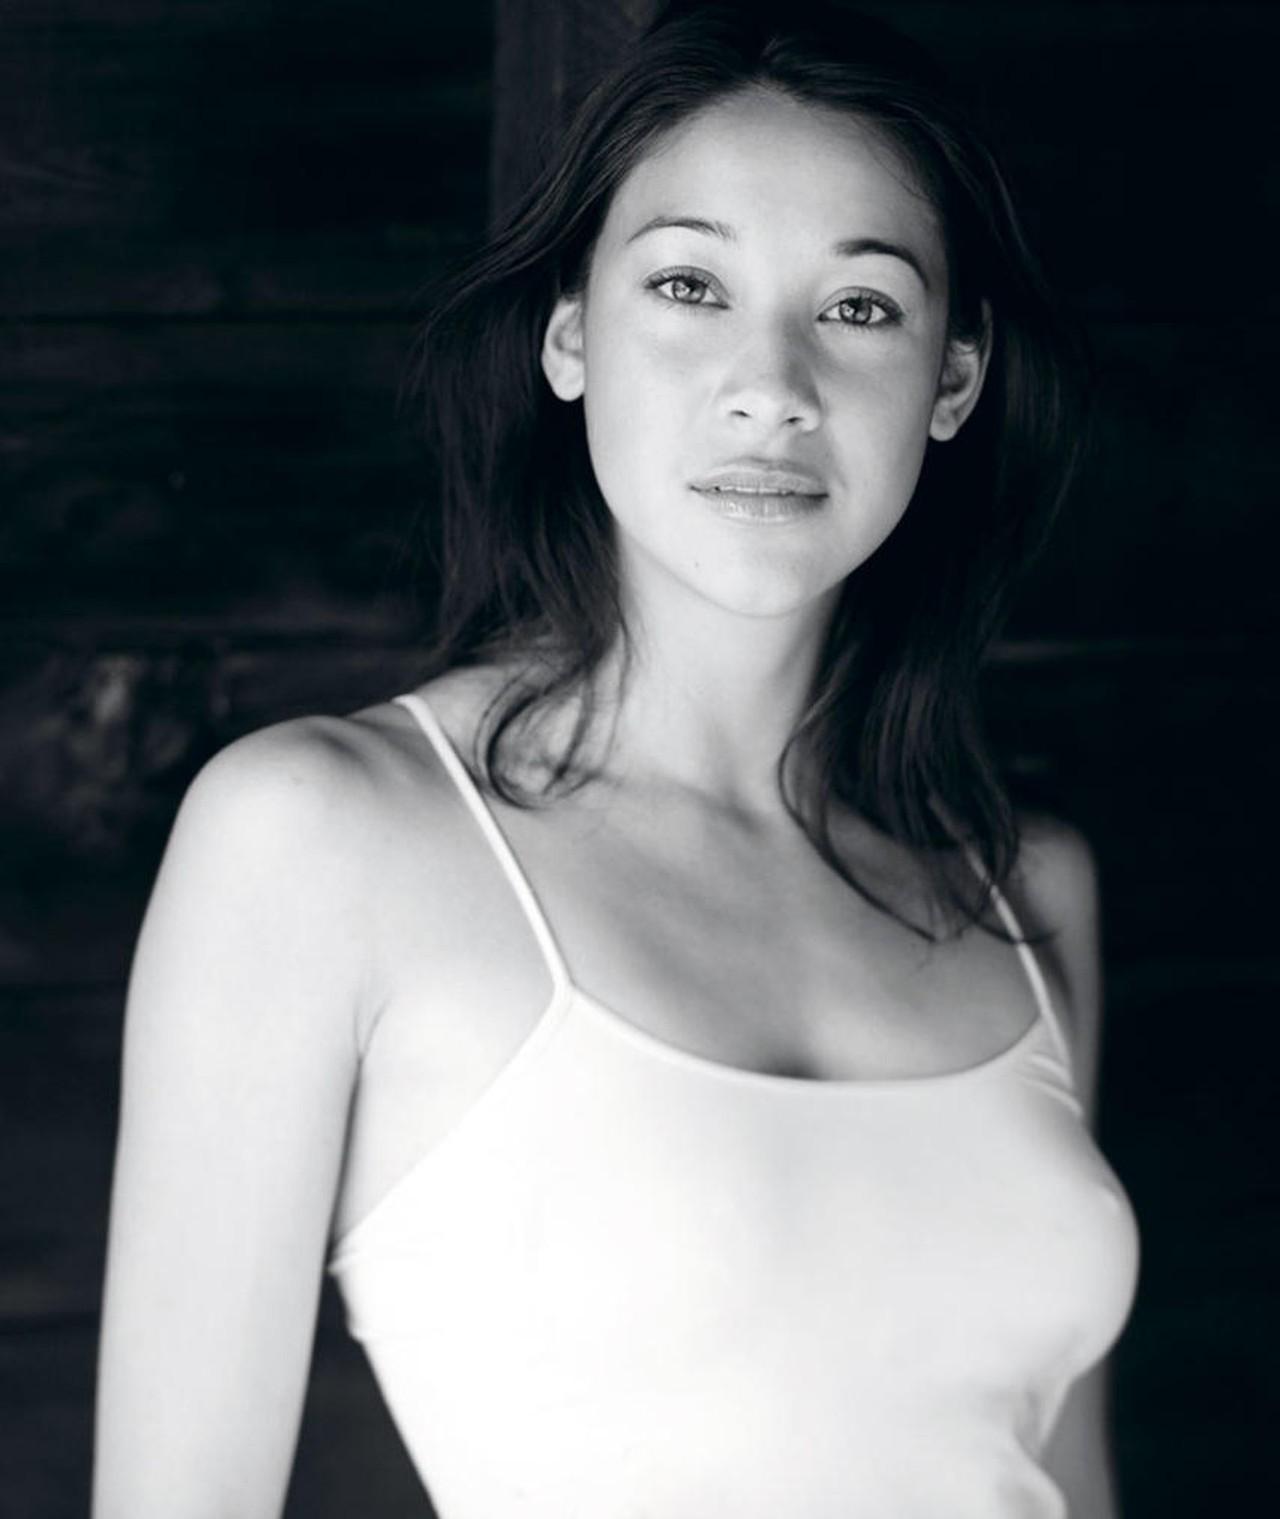 Mayko Nguyen - Movies, Bio and Lists on MUBI